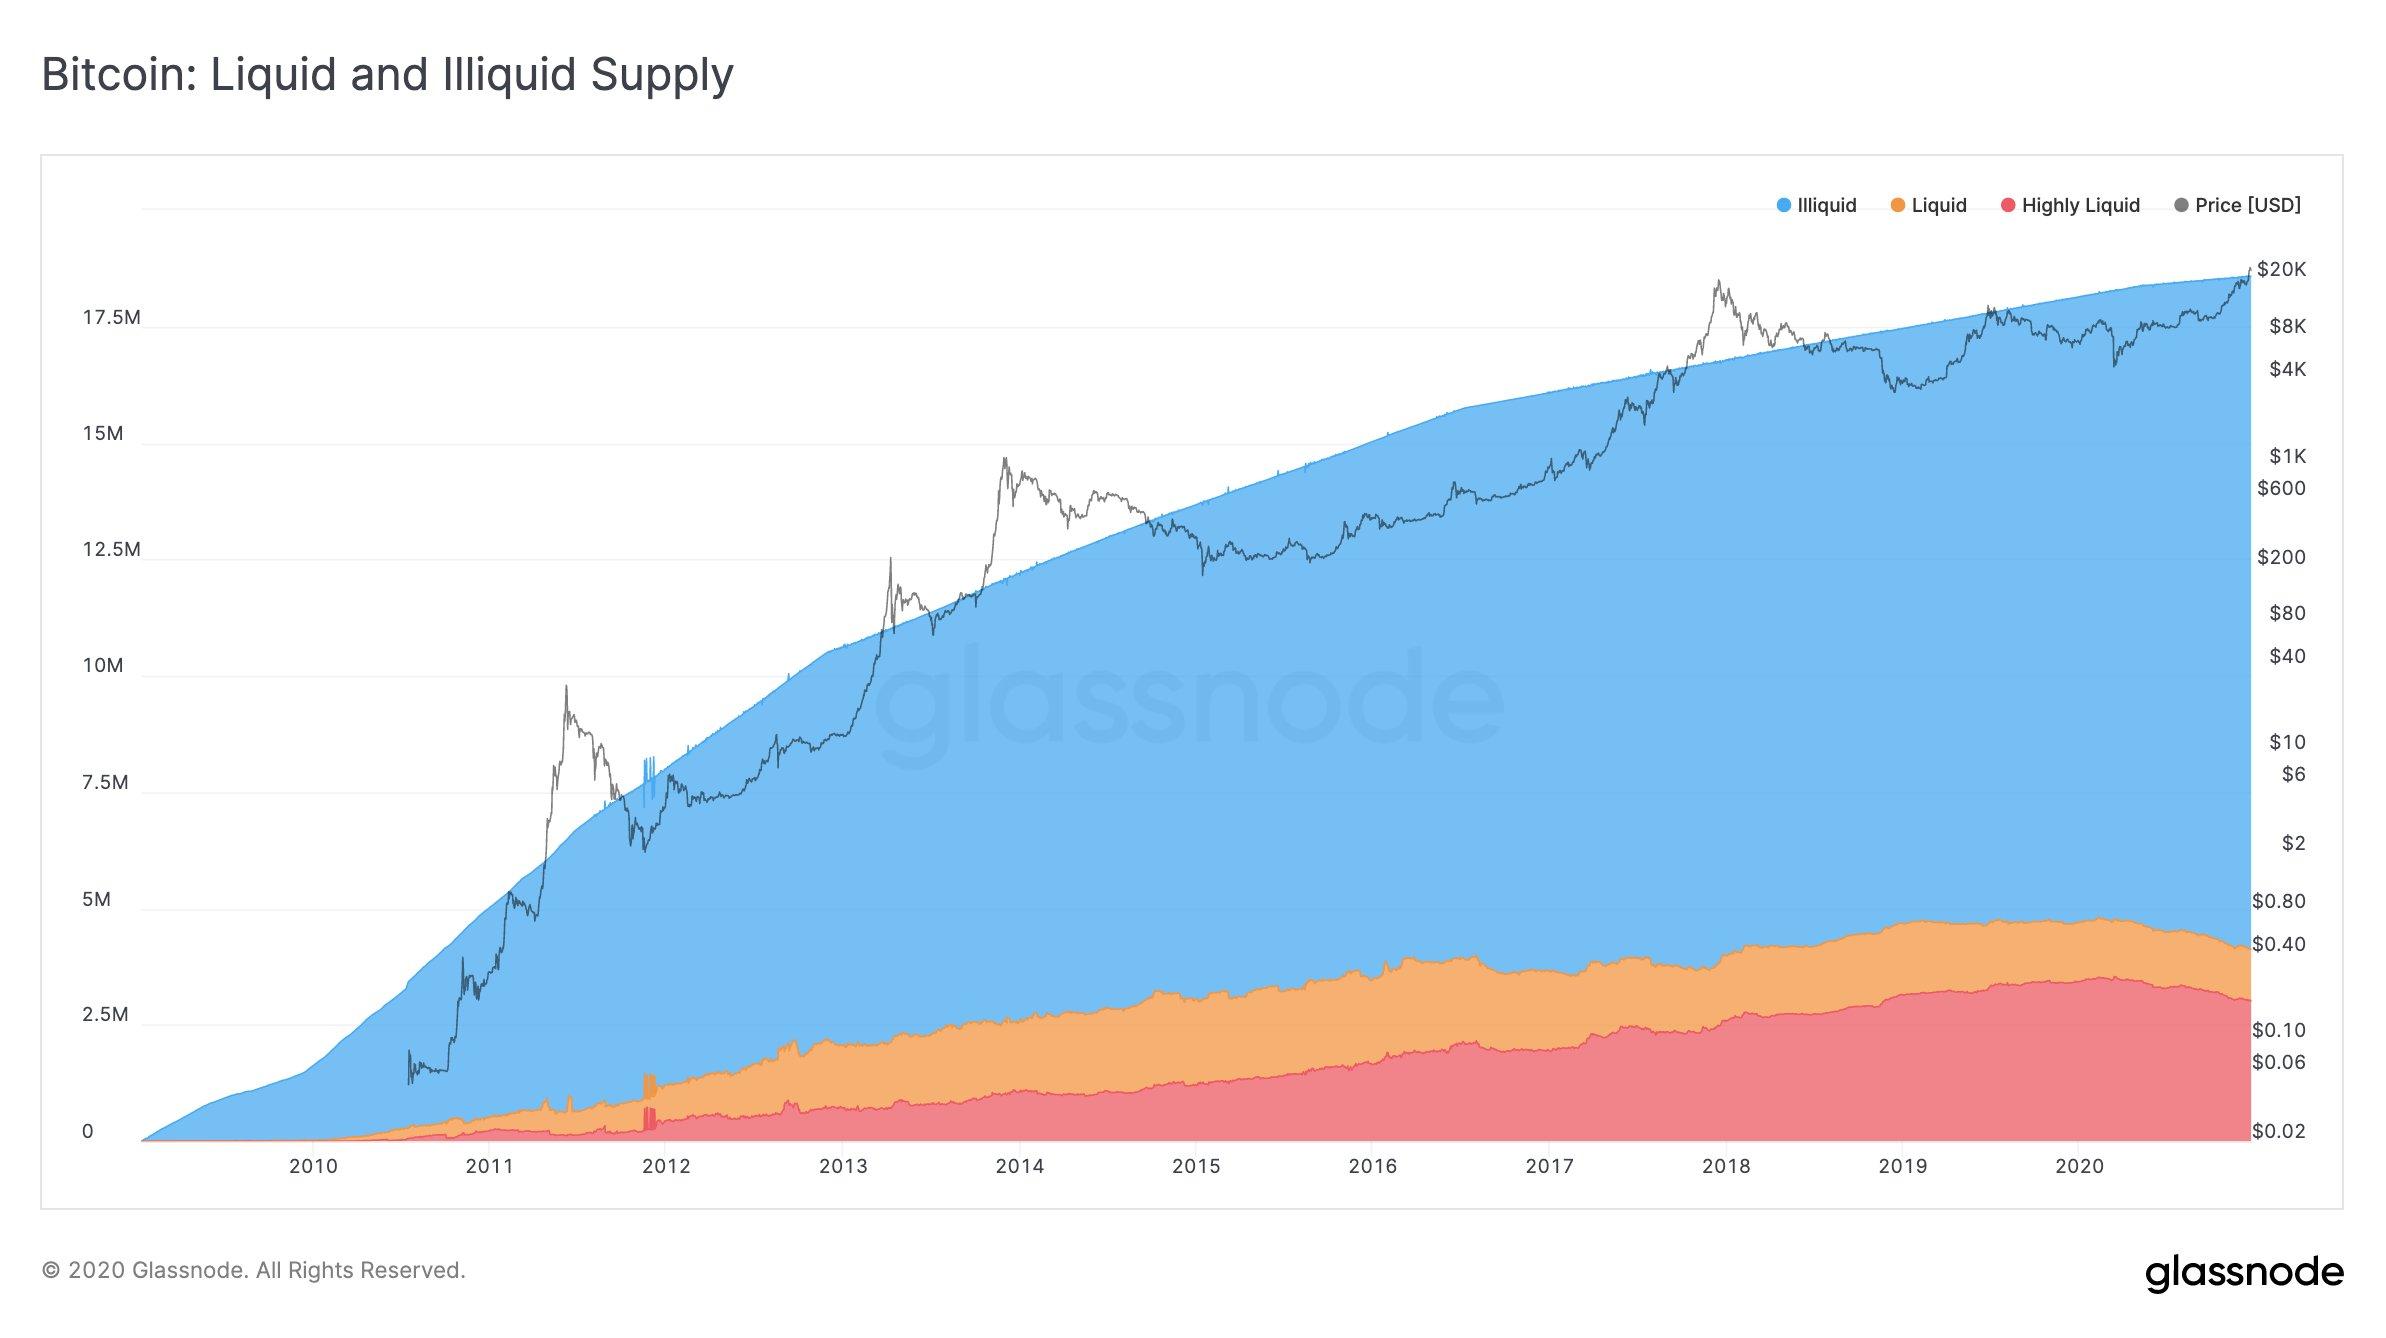 liquidità del mercato bitcoin